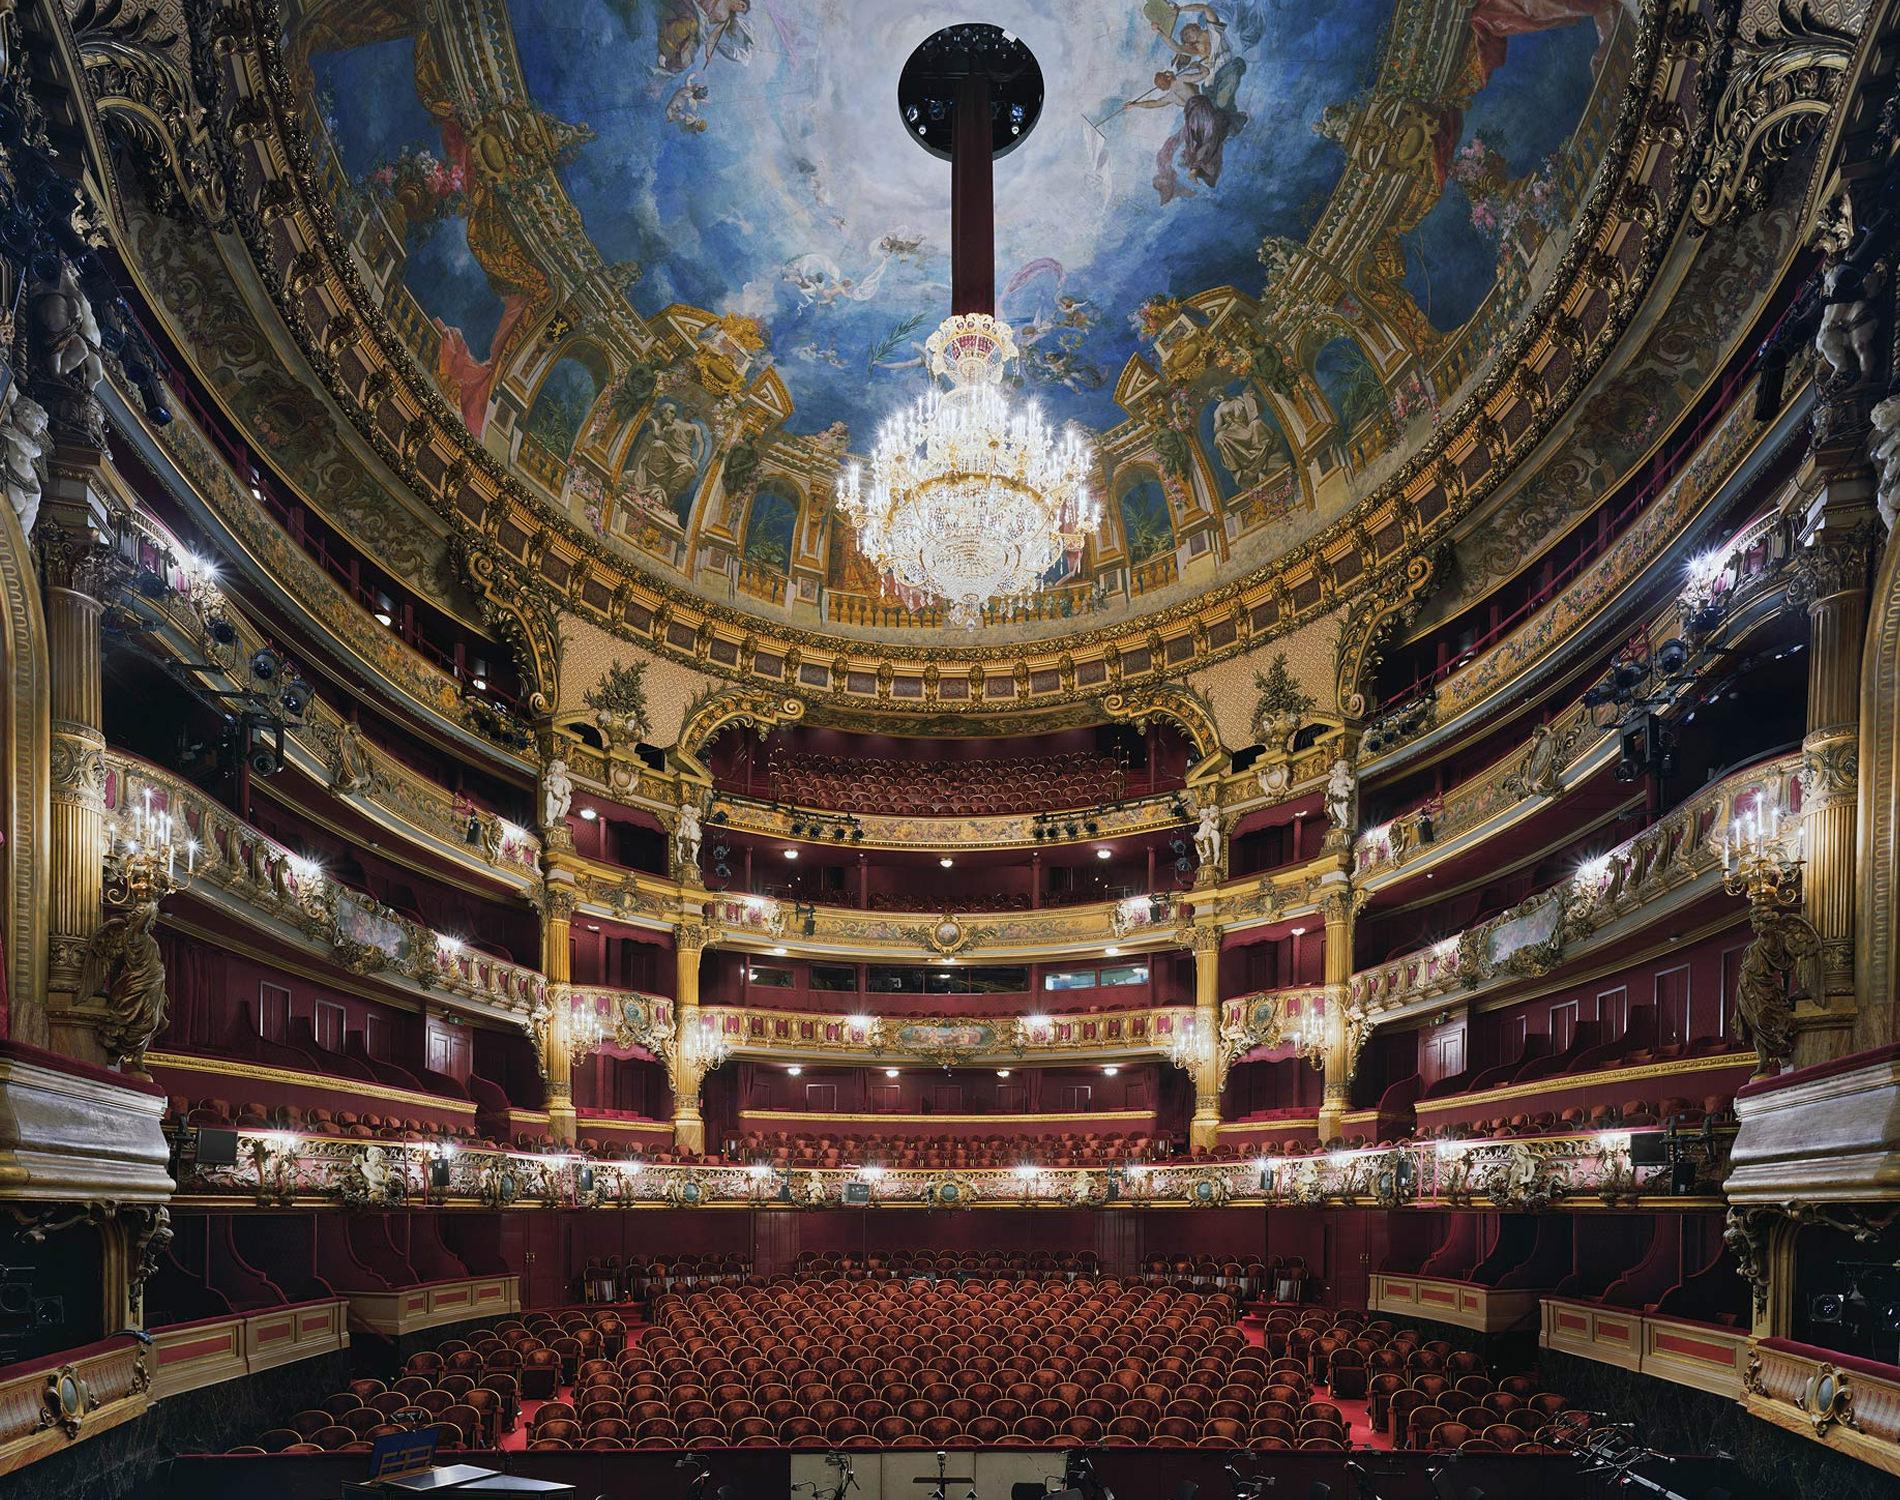 Théâtre Royal de La Monnaie Bruxelles Belgique 2010